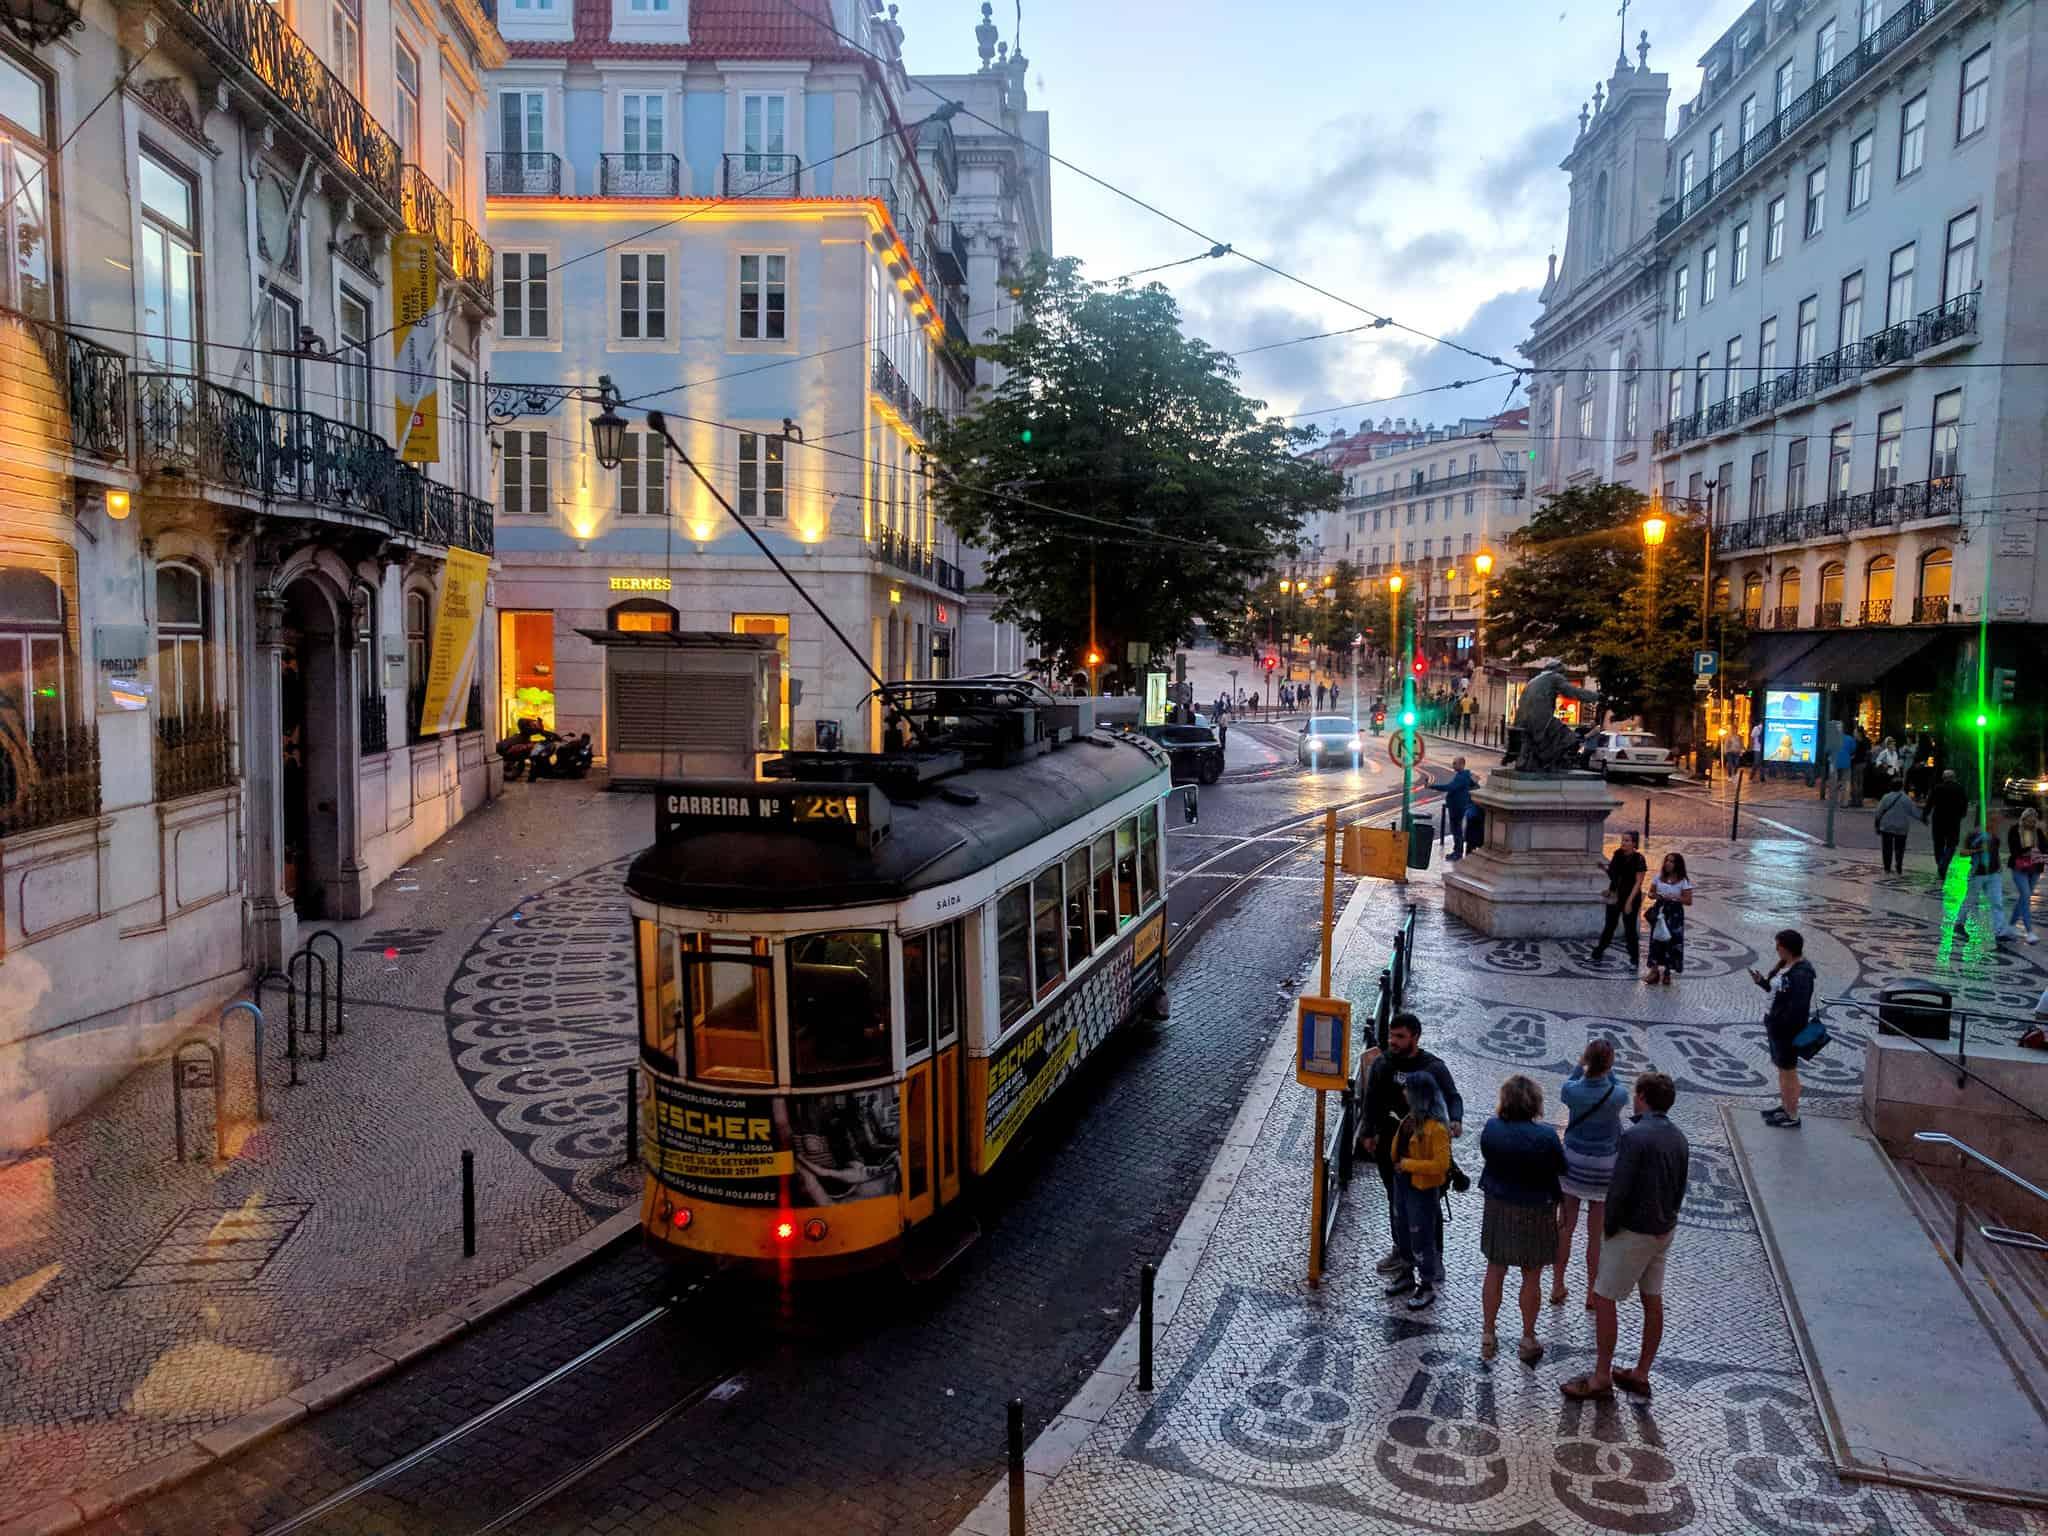 Tanie loty do Lizbony za 188 zł!